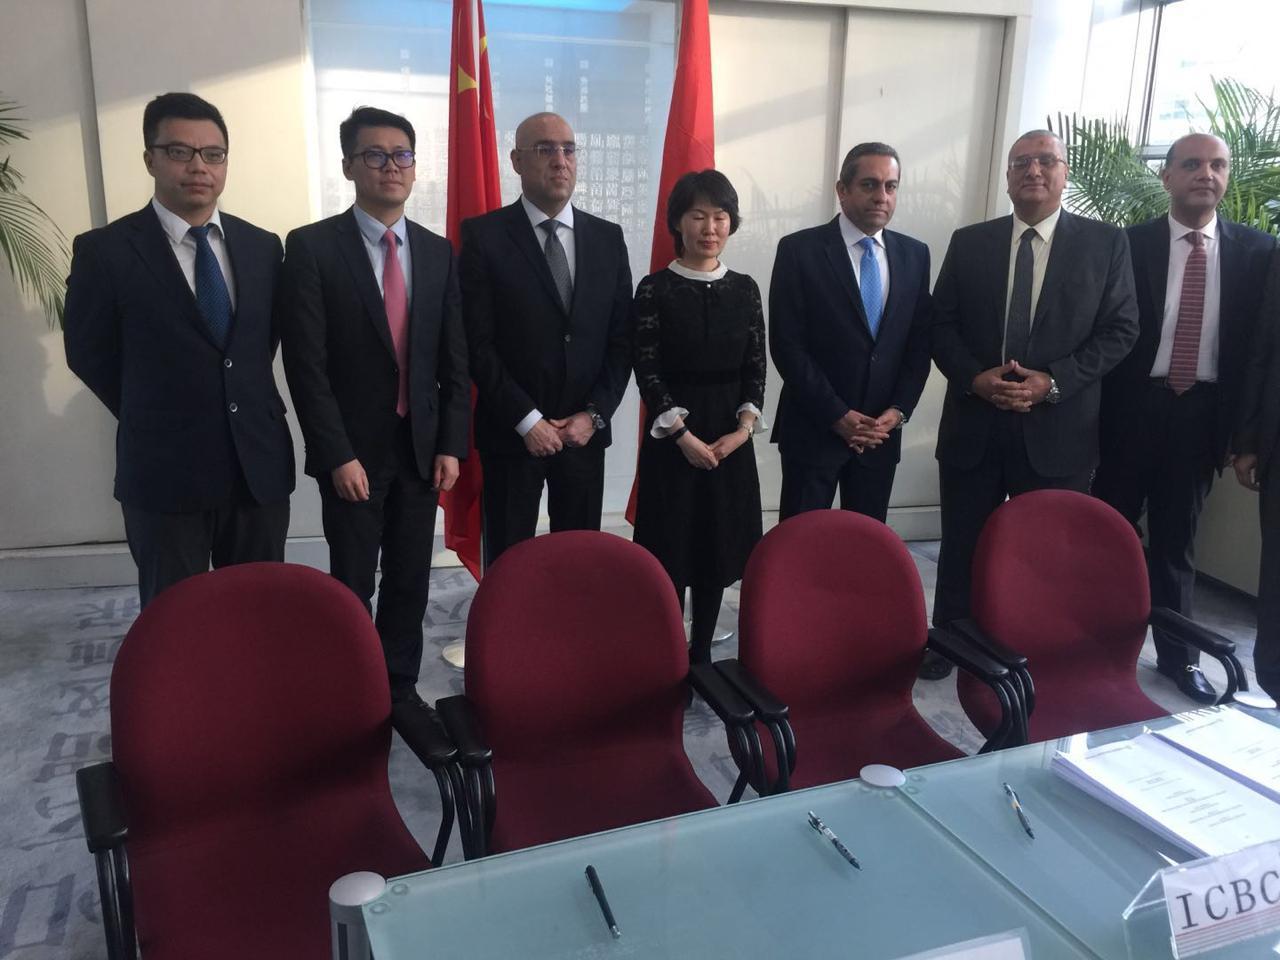 وزير الإسكان يشهد توقيع اتفاقية توقيع لتمويل حى المال والأعمال بالعاصمة الإدارية  (3)